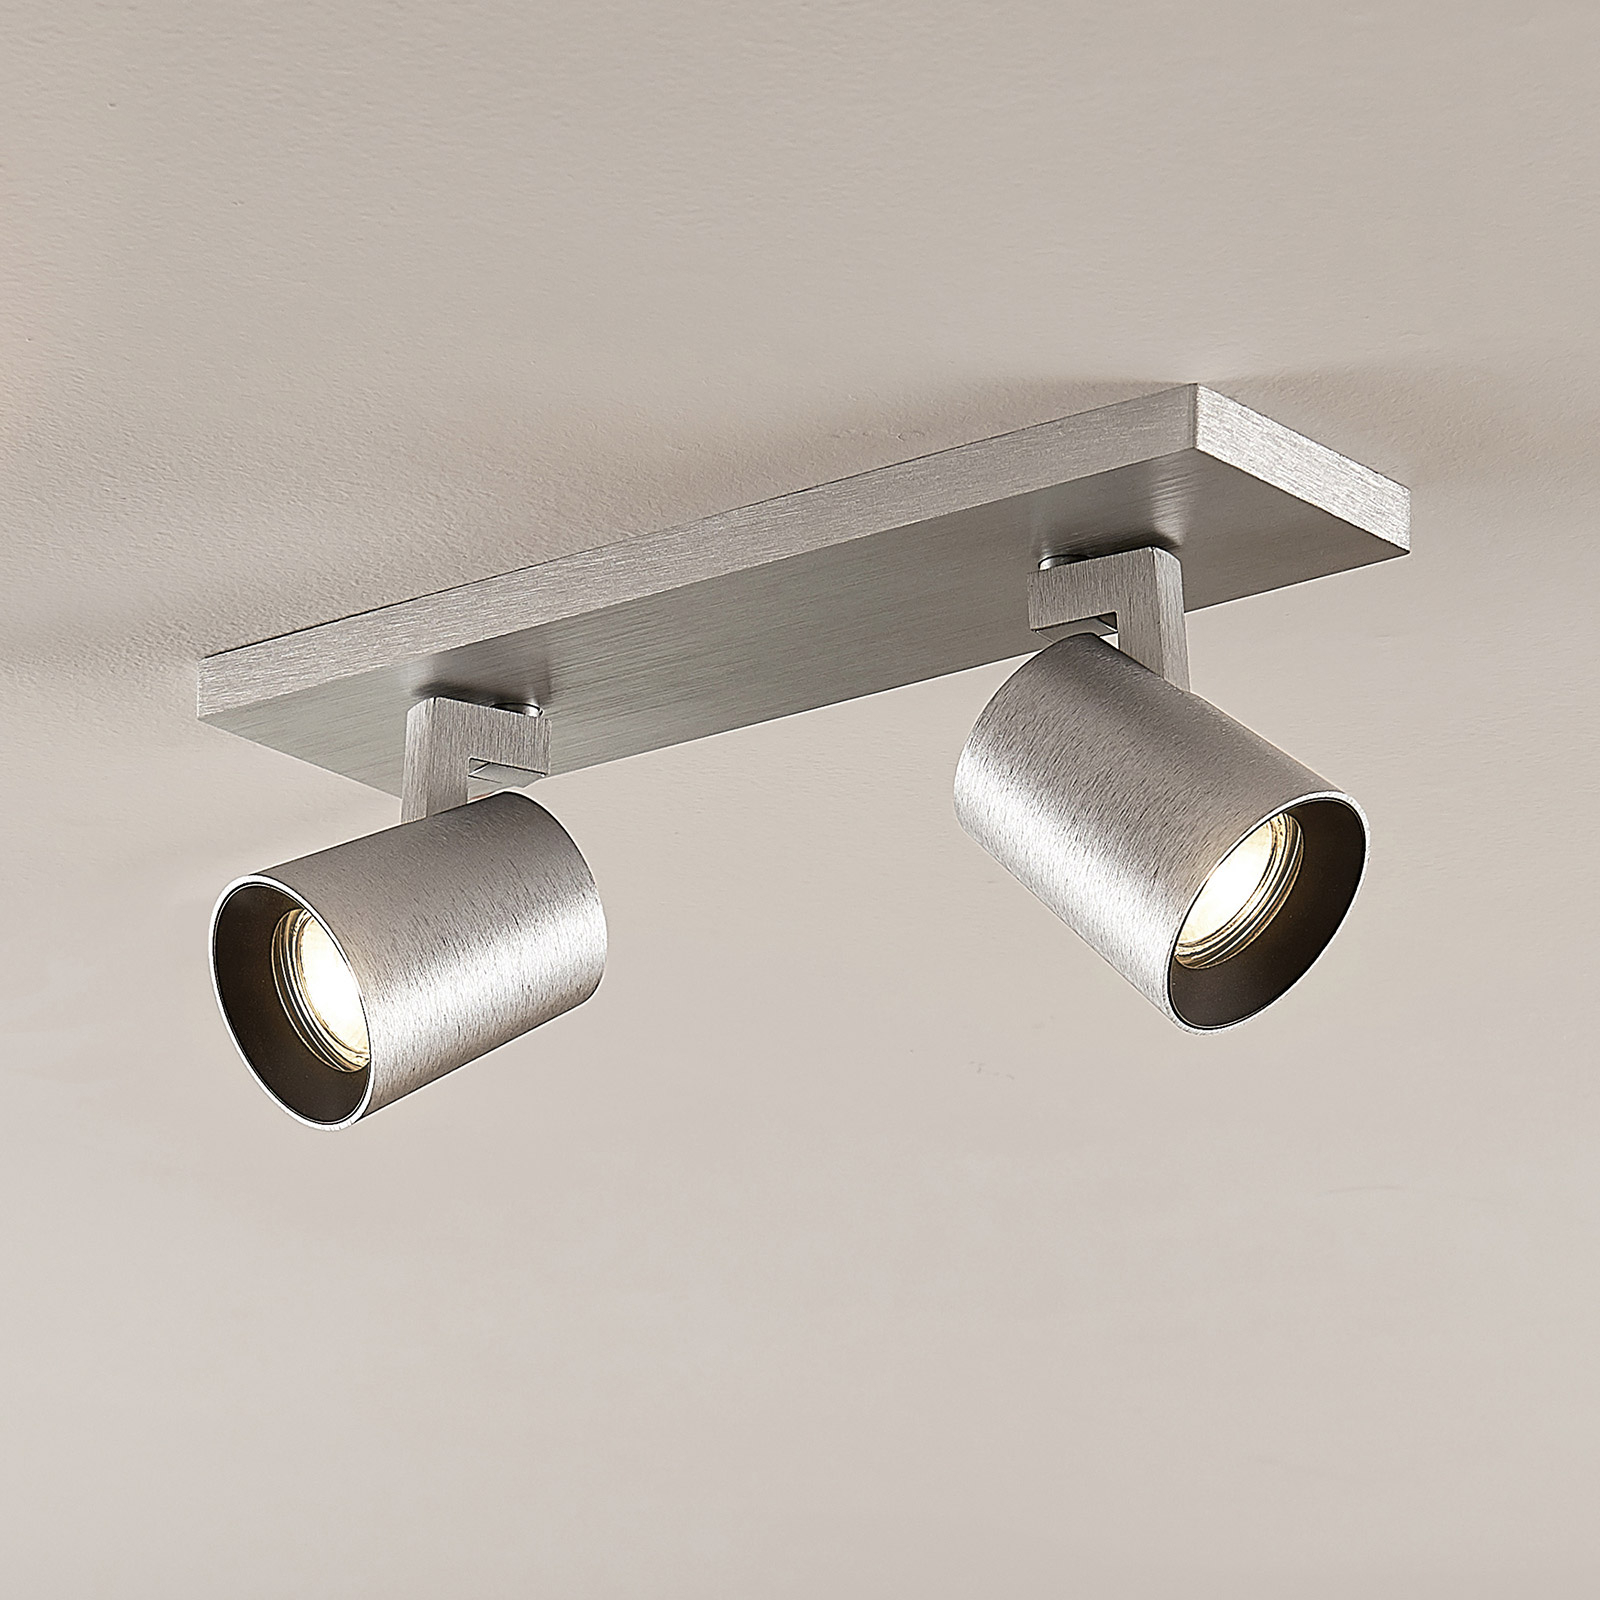 Kattokohdevalo Iavo säädettävä alumiini 2 lamppua